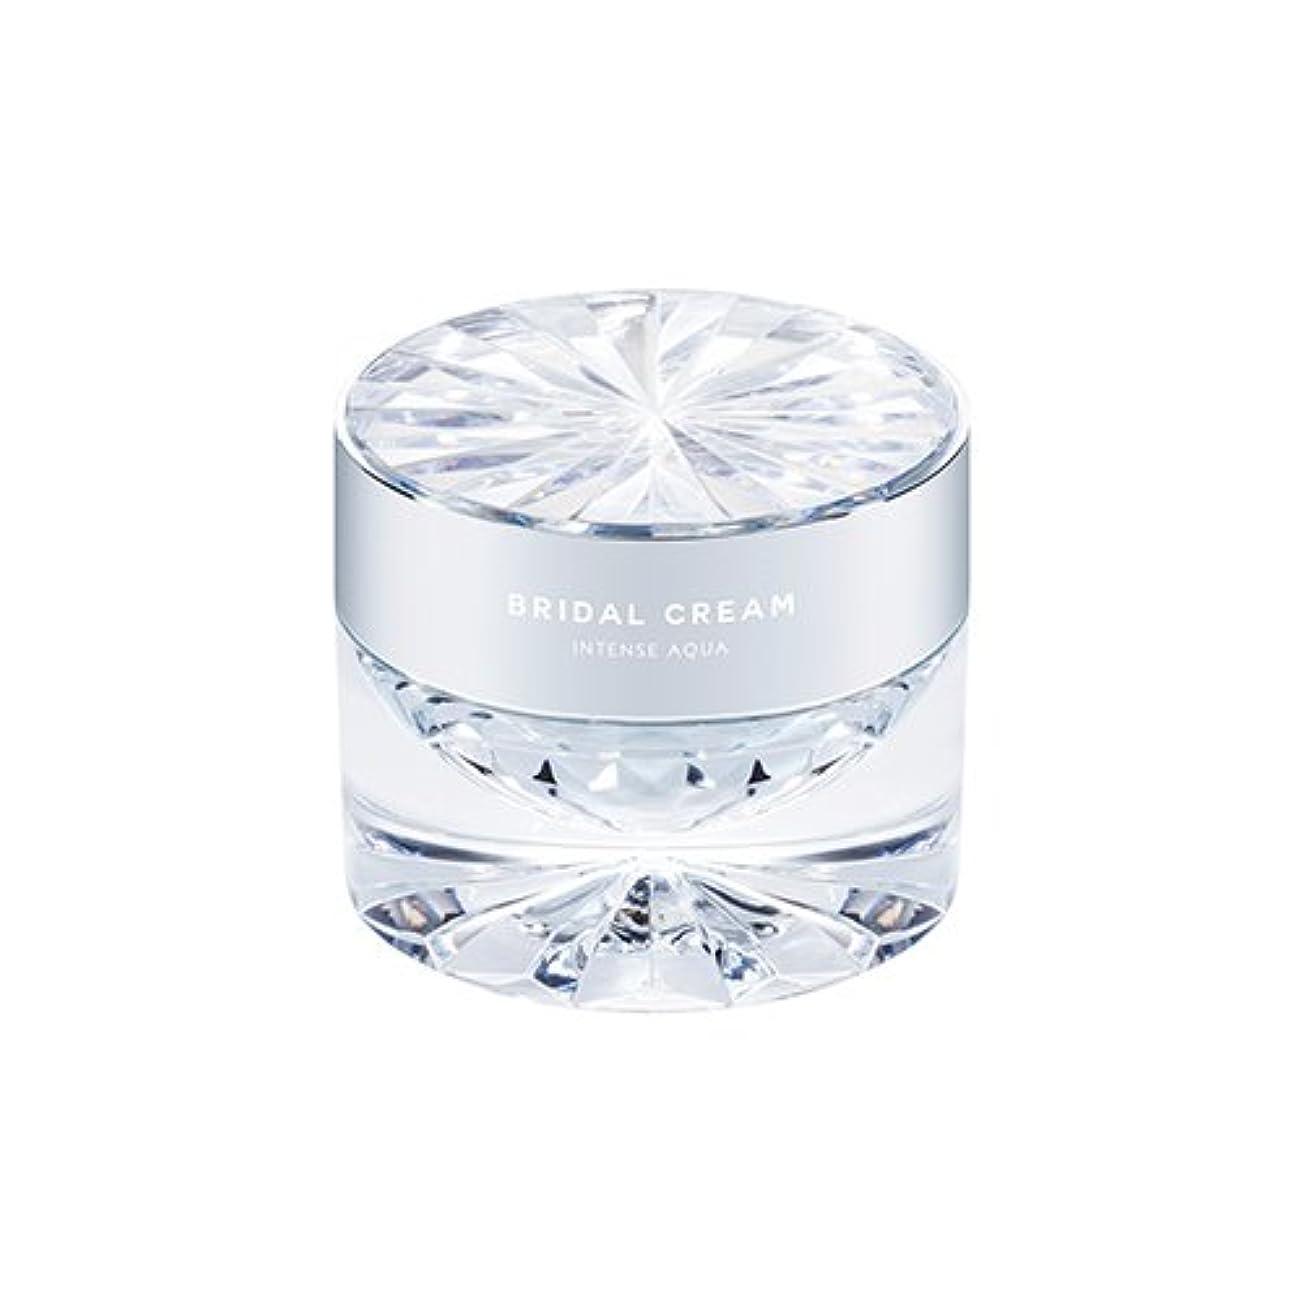 ラテンパック直面するMISSHA Time Revolution Bridal Cream 50ml/ミシャ タイム レボリューション ブライダル クリーム 50ml (#Intense Aqua) [並行輸入品]